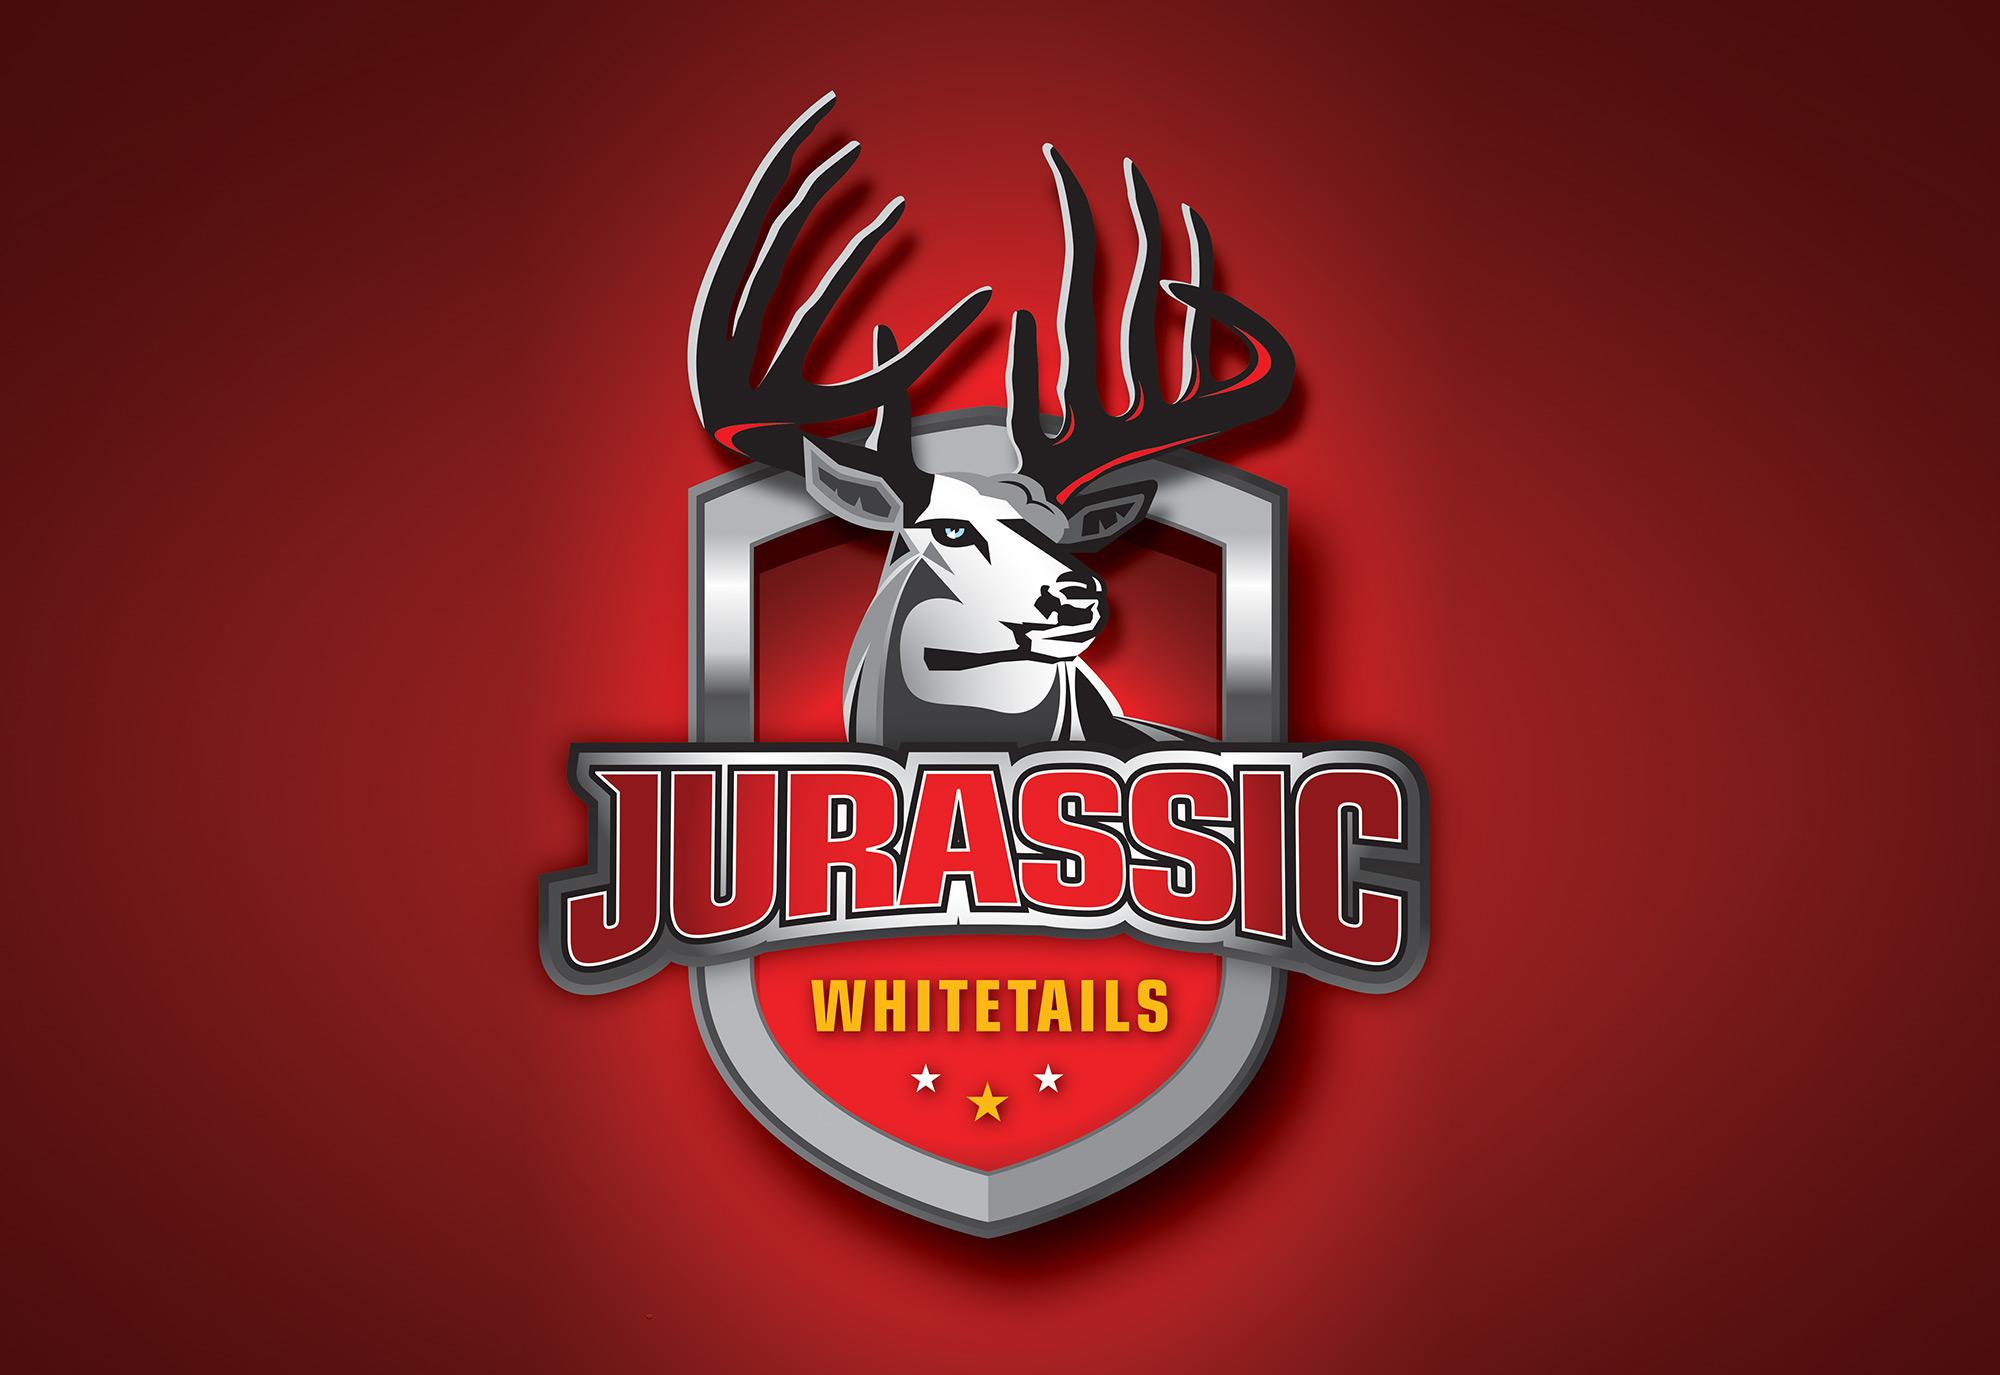 Jurassic Whitetails logo